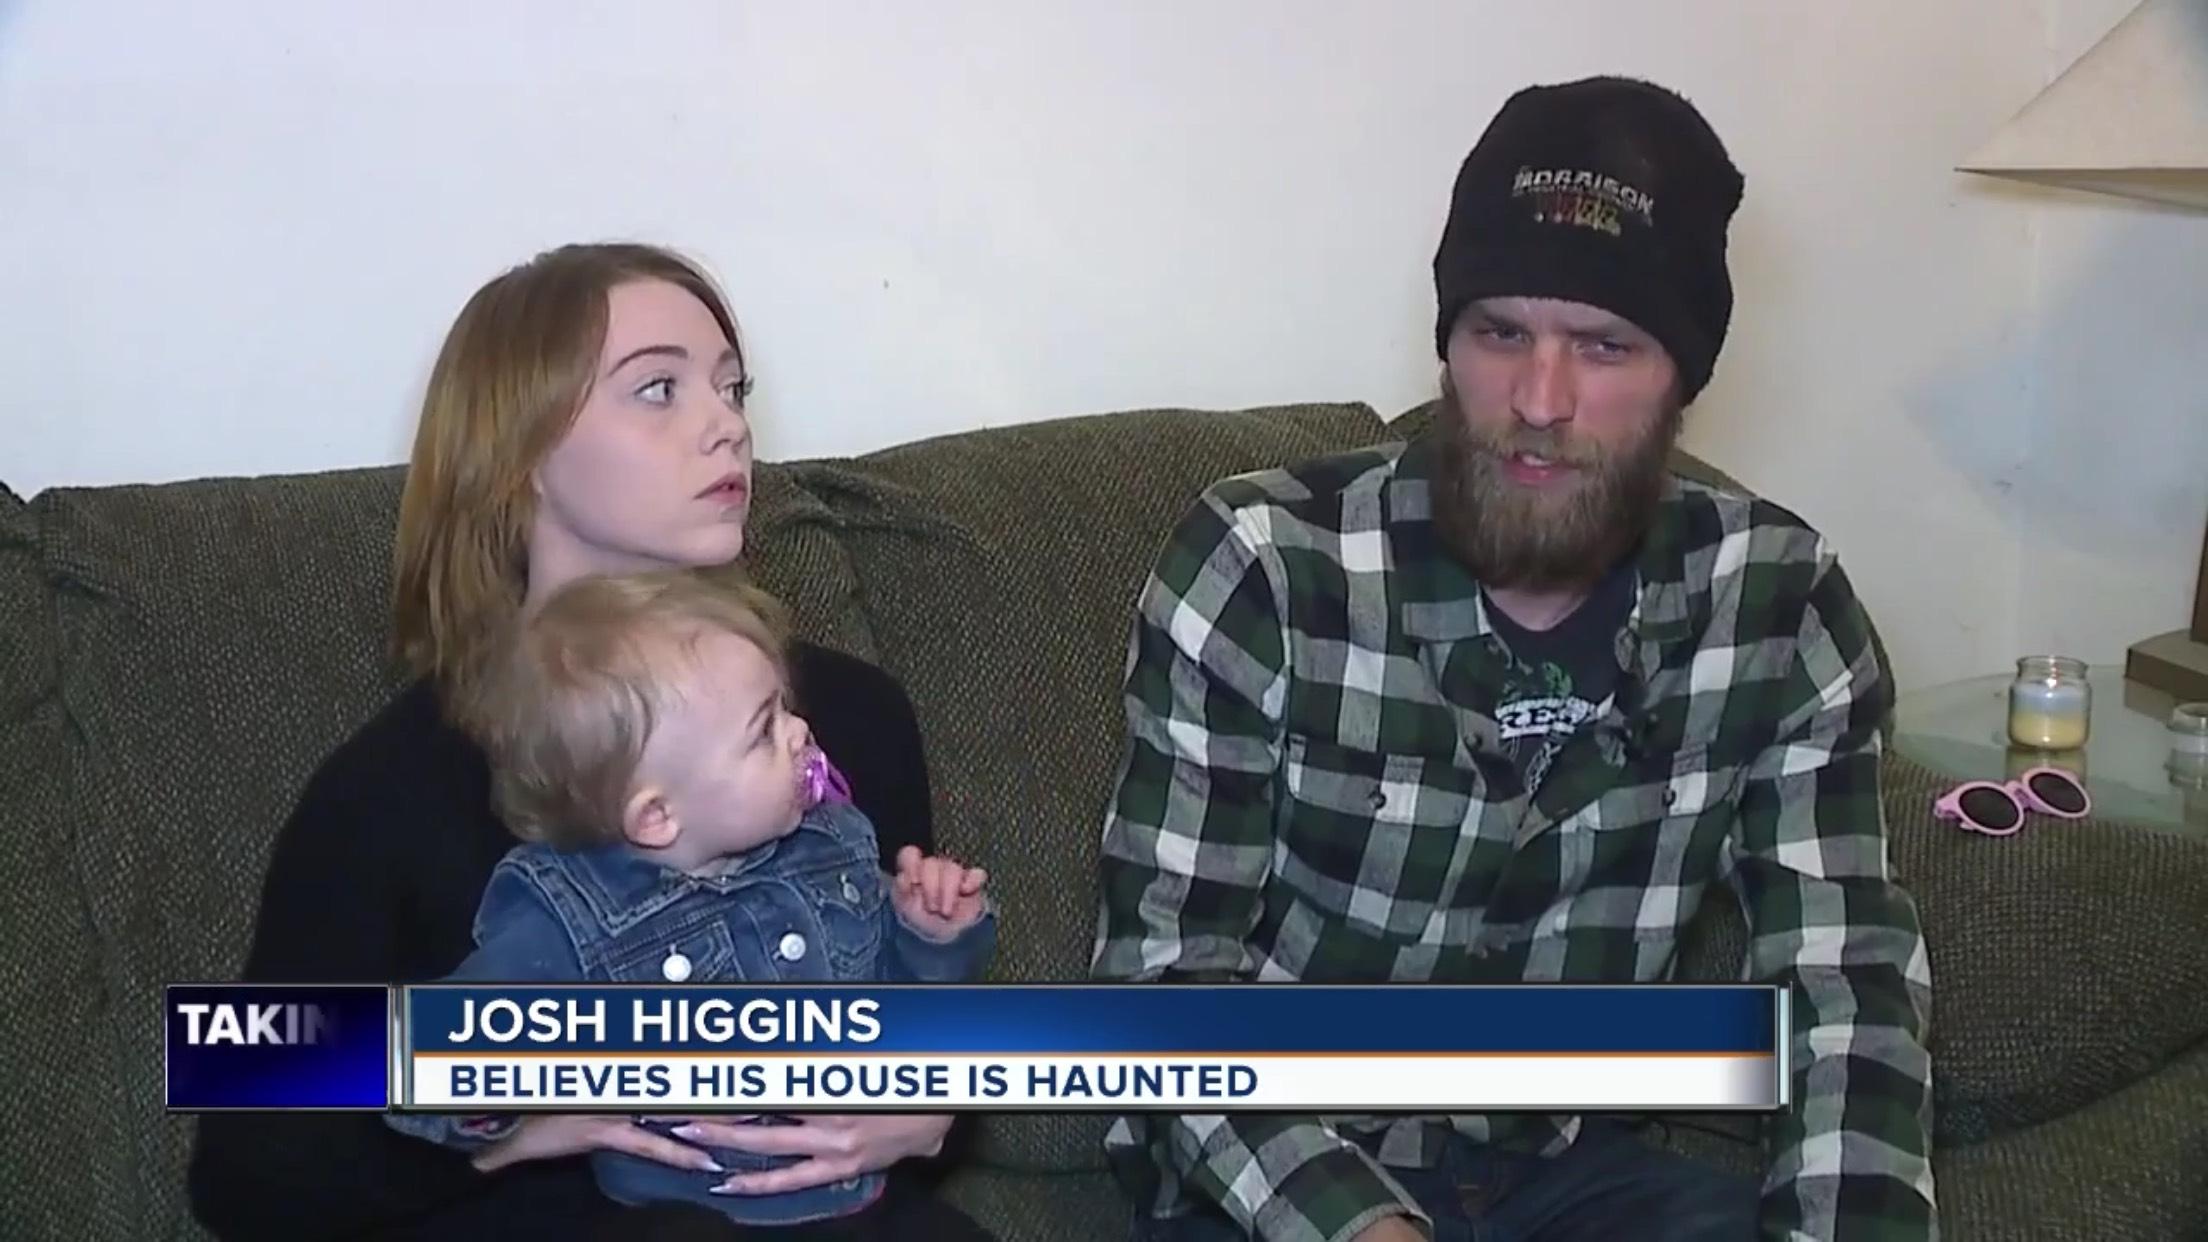 Josh Higgins: Believes His House Is Haunted